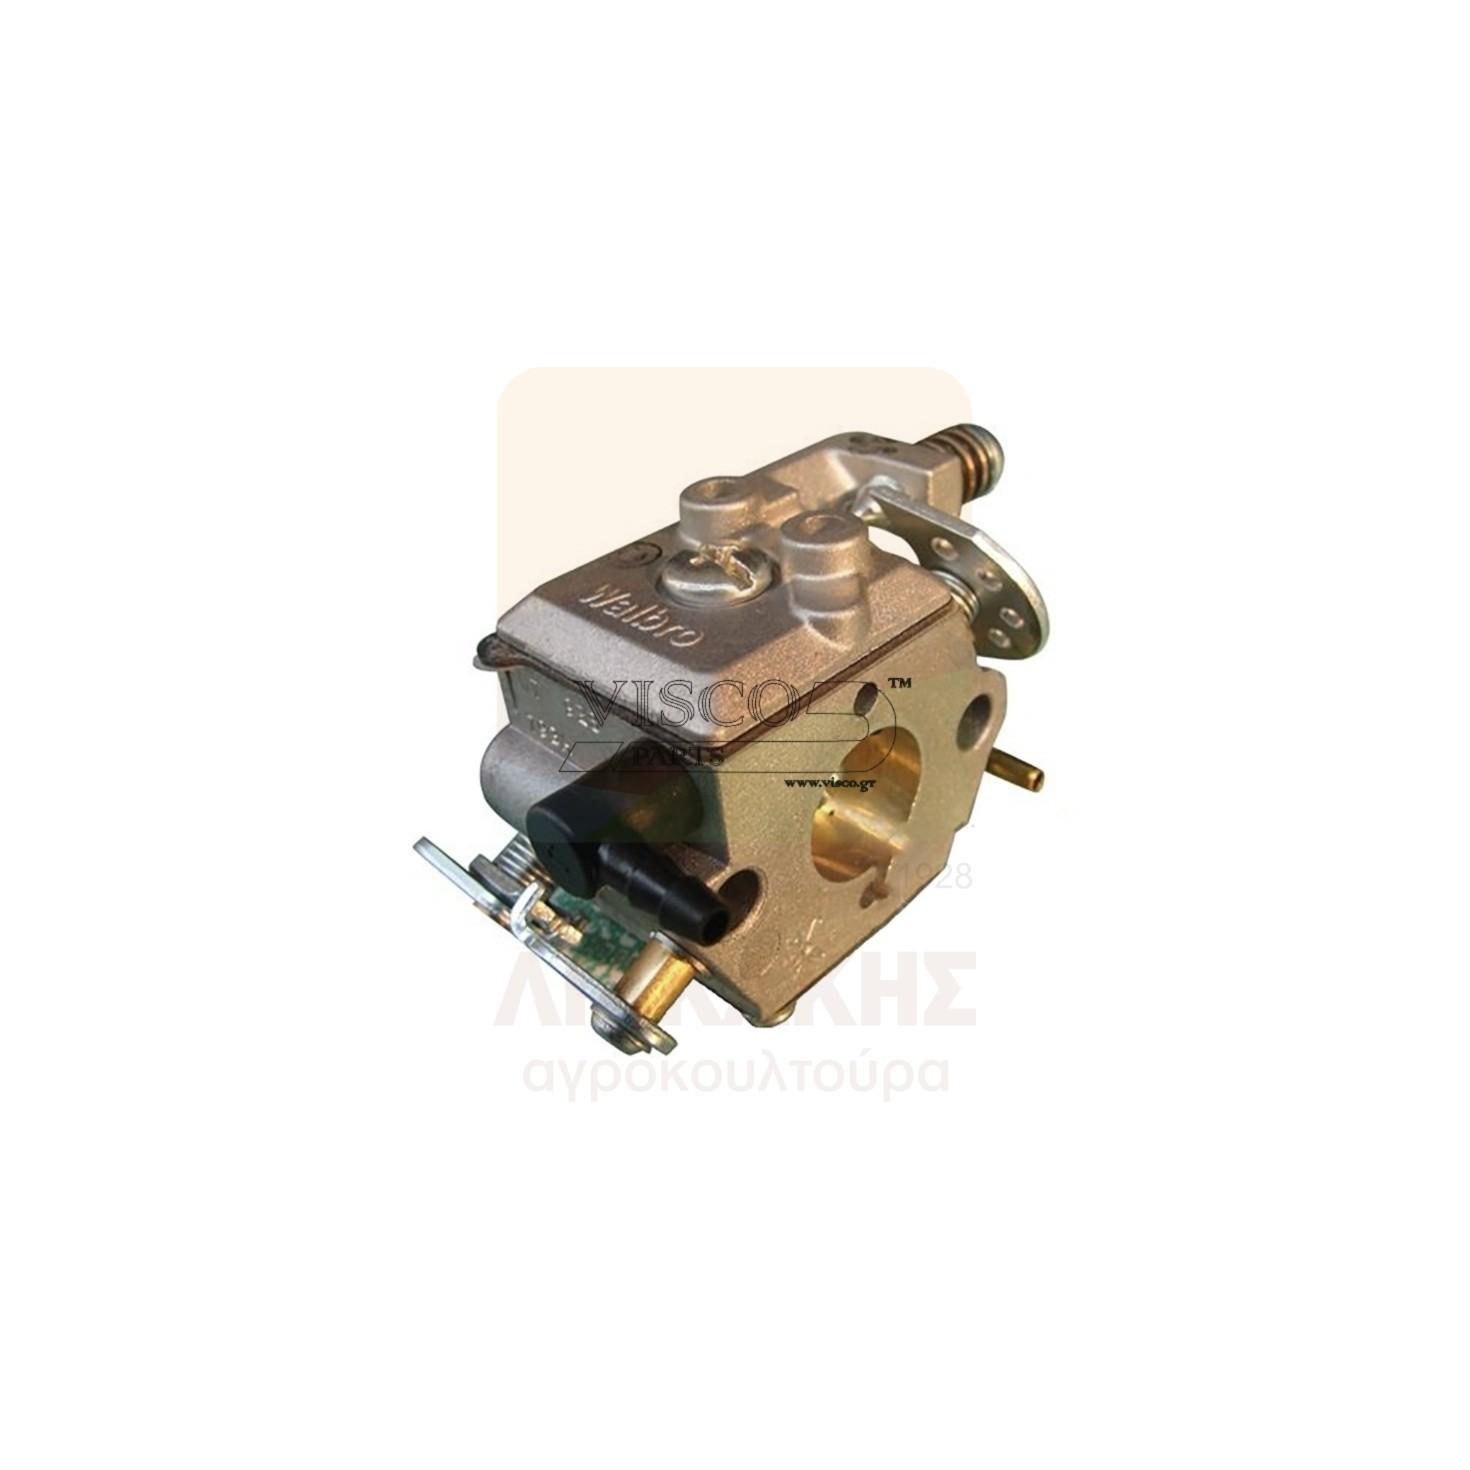 ΚΑΡ-097 Καρμπυρατέρ HUSQVARNA - JONSERED - ZENOAH T 425 - CS 2125T - G 250 TS – G 2500 TS ORIGINAL